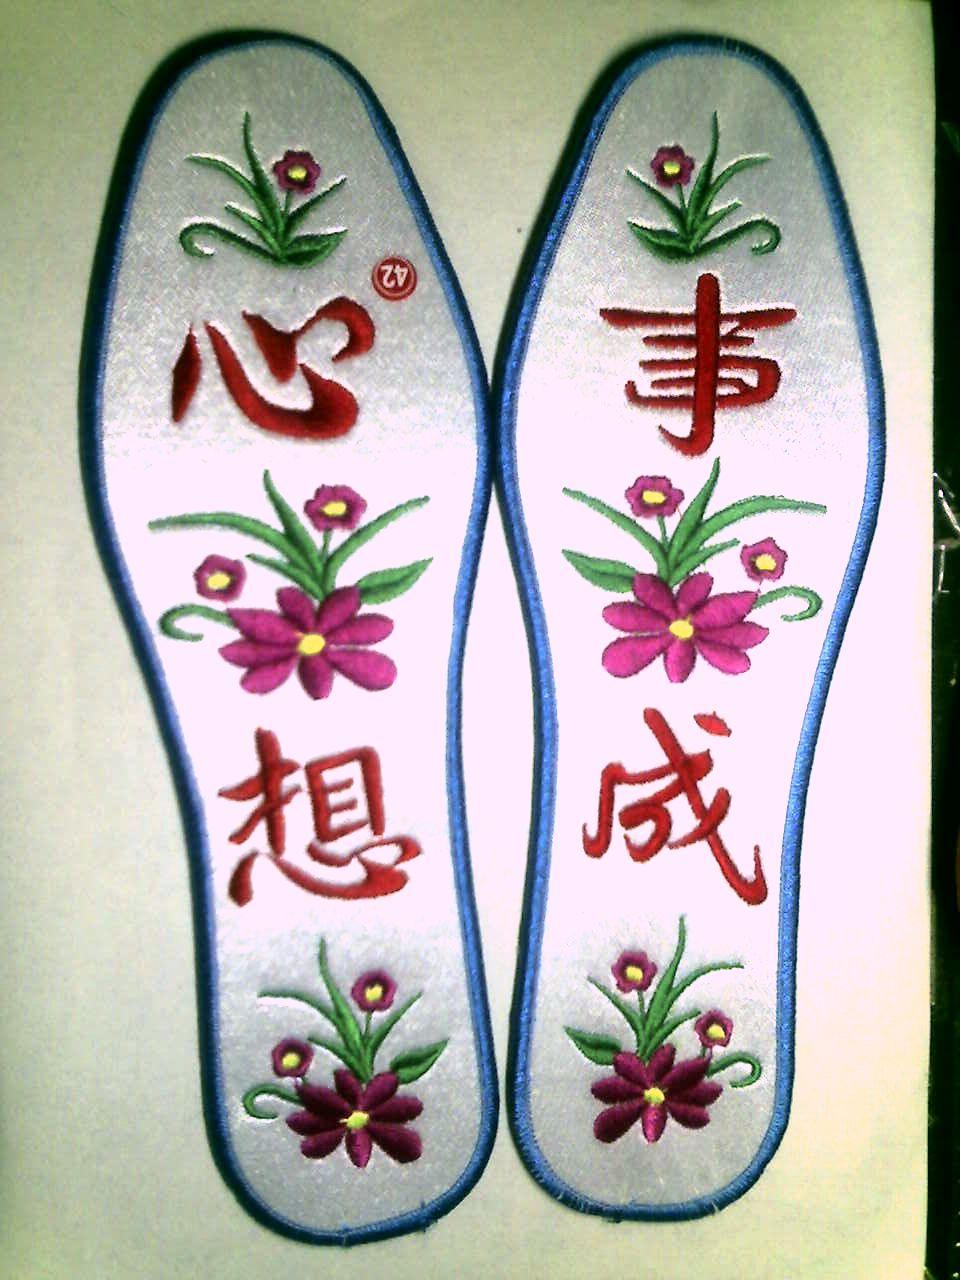 这样的鞋垫有人要吗?